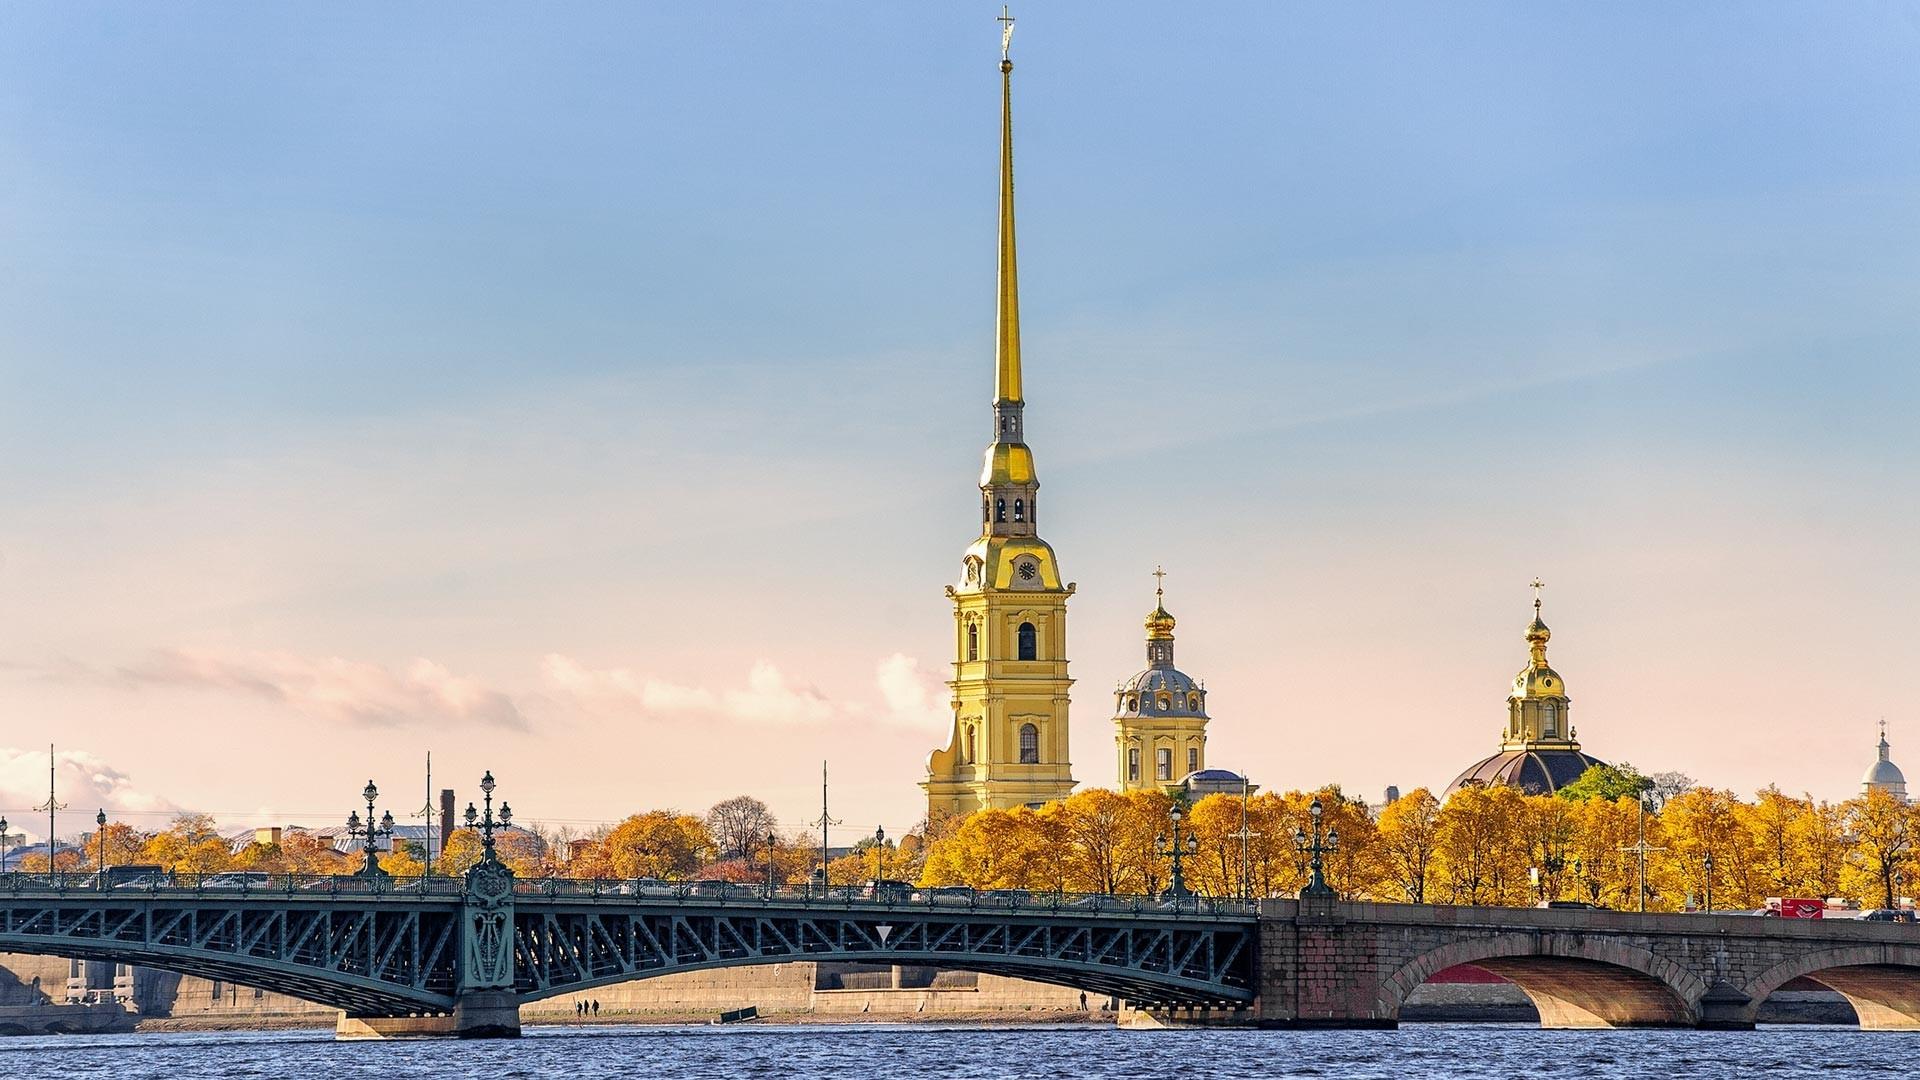 chvasprmioltd - Поездка в Петербург, Море наслаждения!